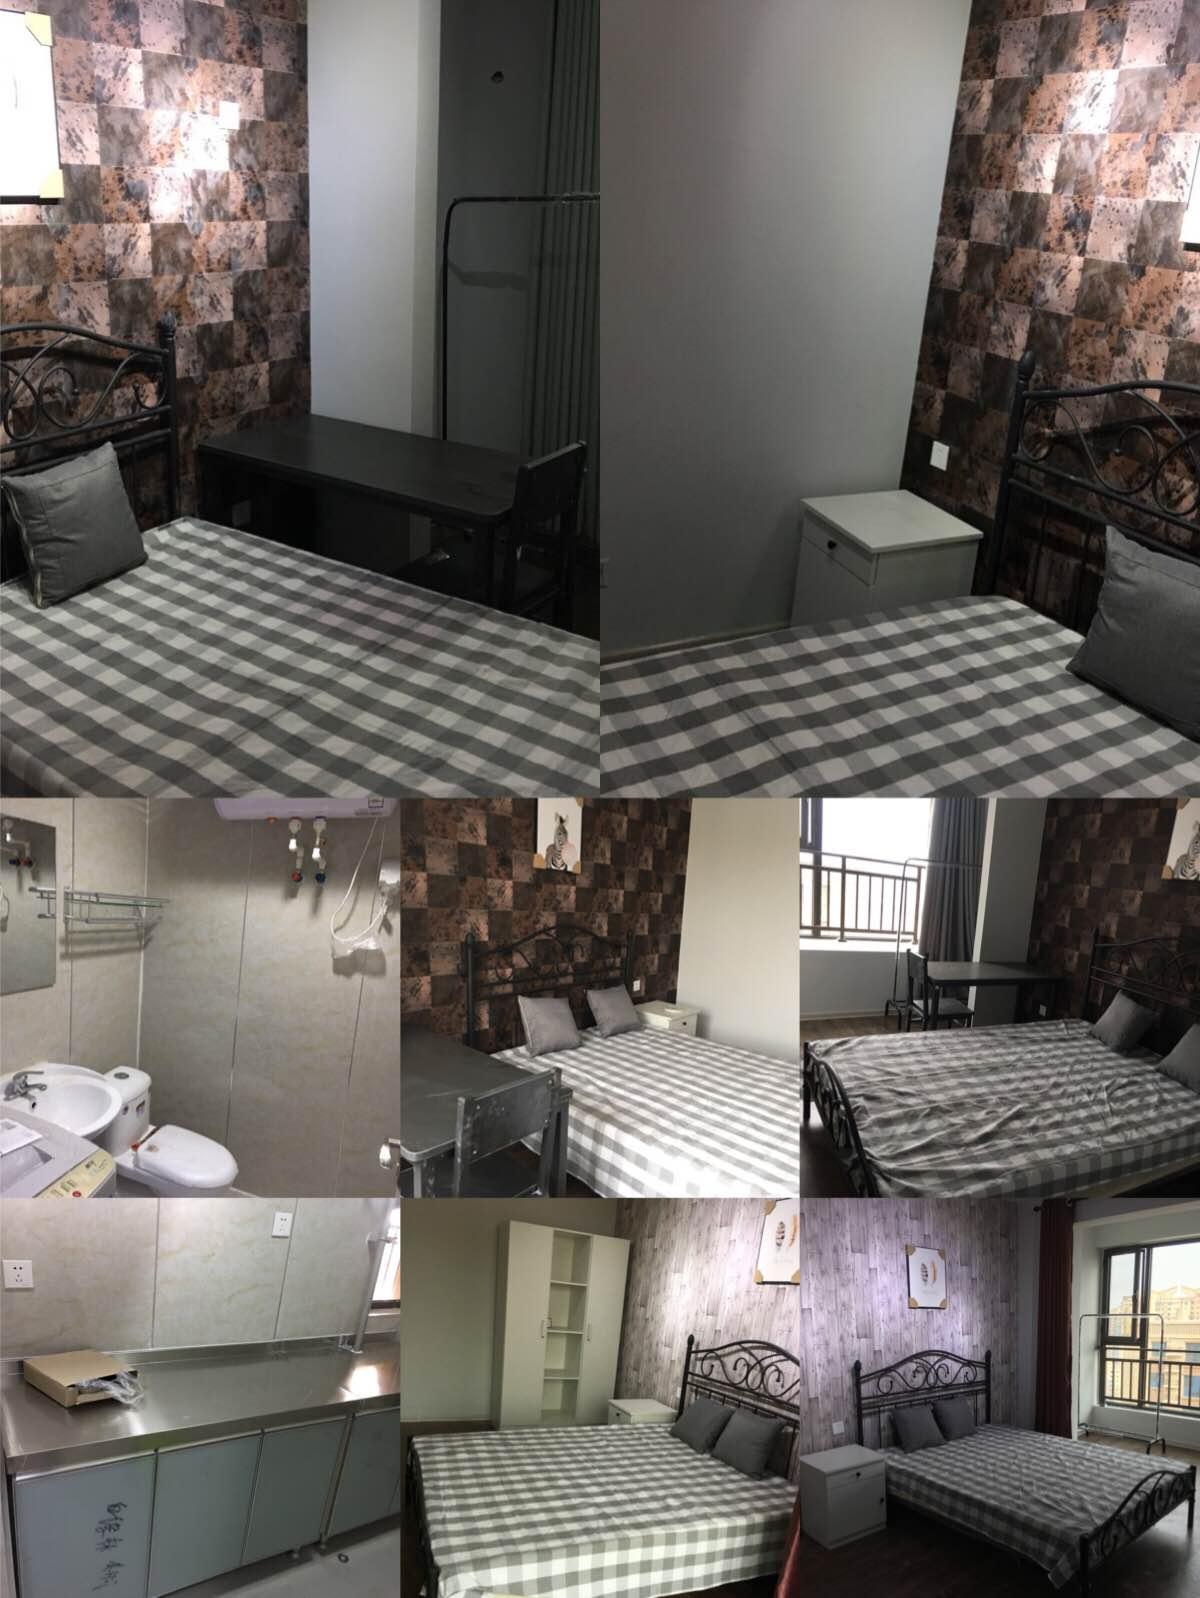 广安云棠三室一厅一卫整租2100/月合租次卧650/月